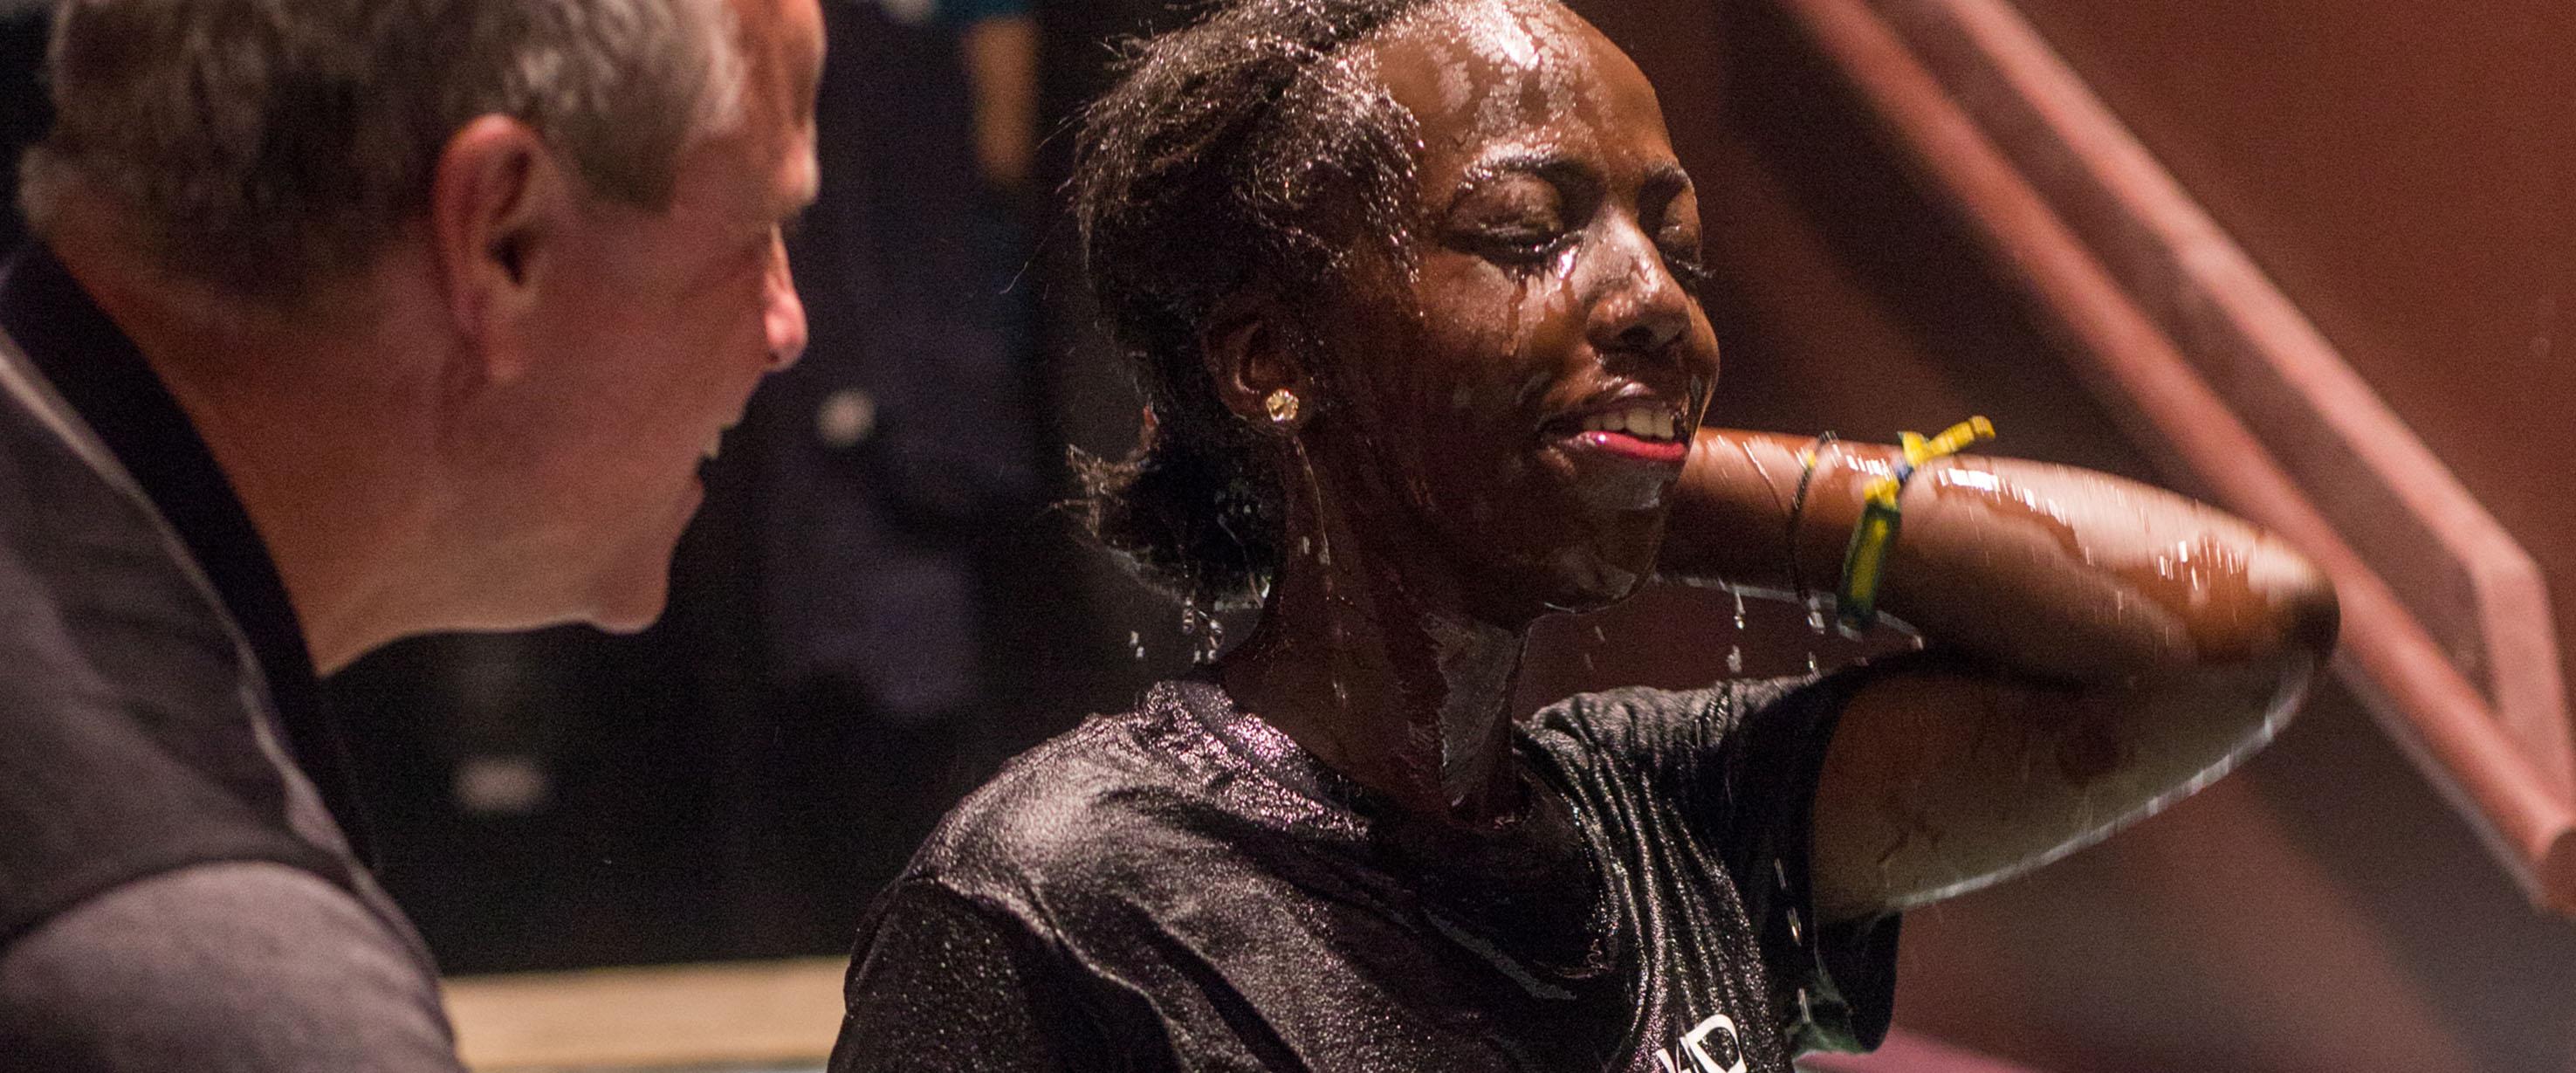 ocbaptism15